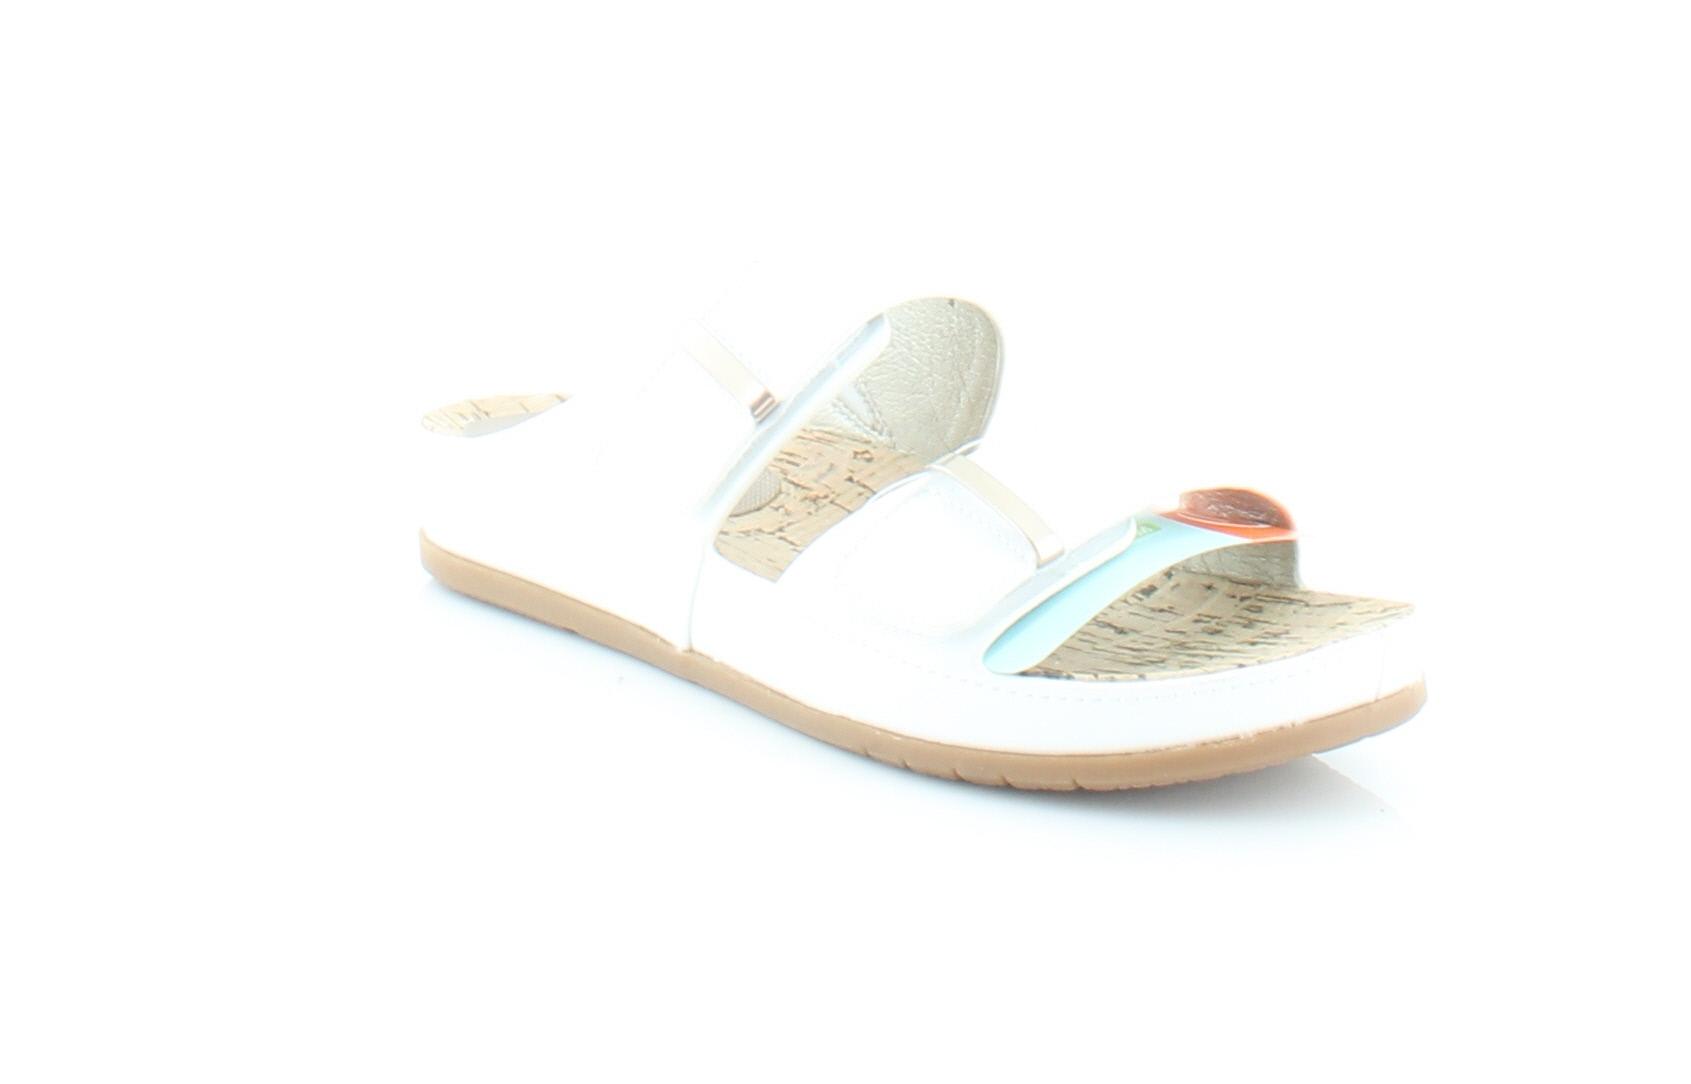 72de11315fdc Baretraps New Cherilyn White Womens Shoes Size 8.5 M Sandals MSRP ...